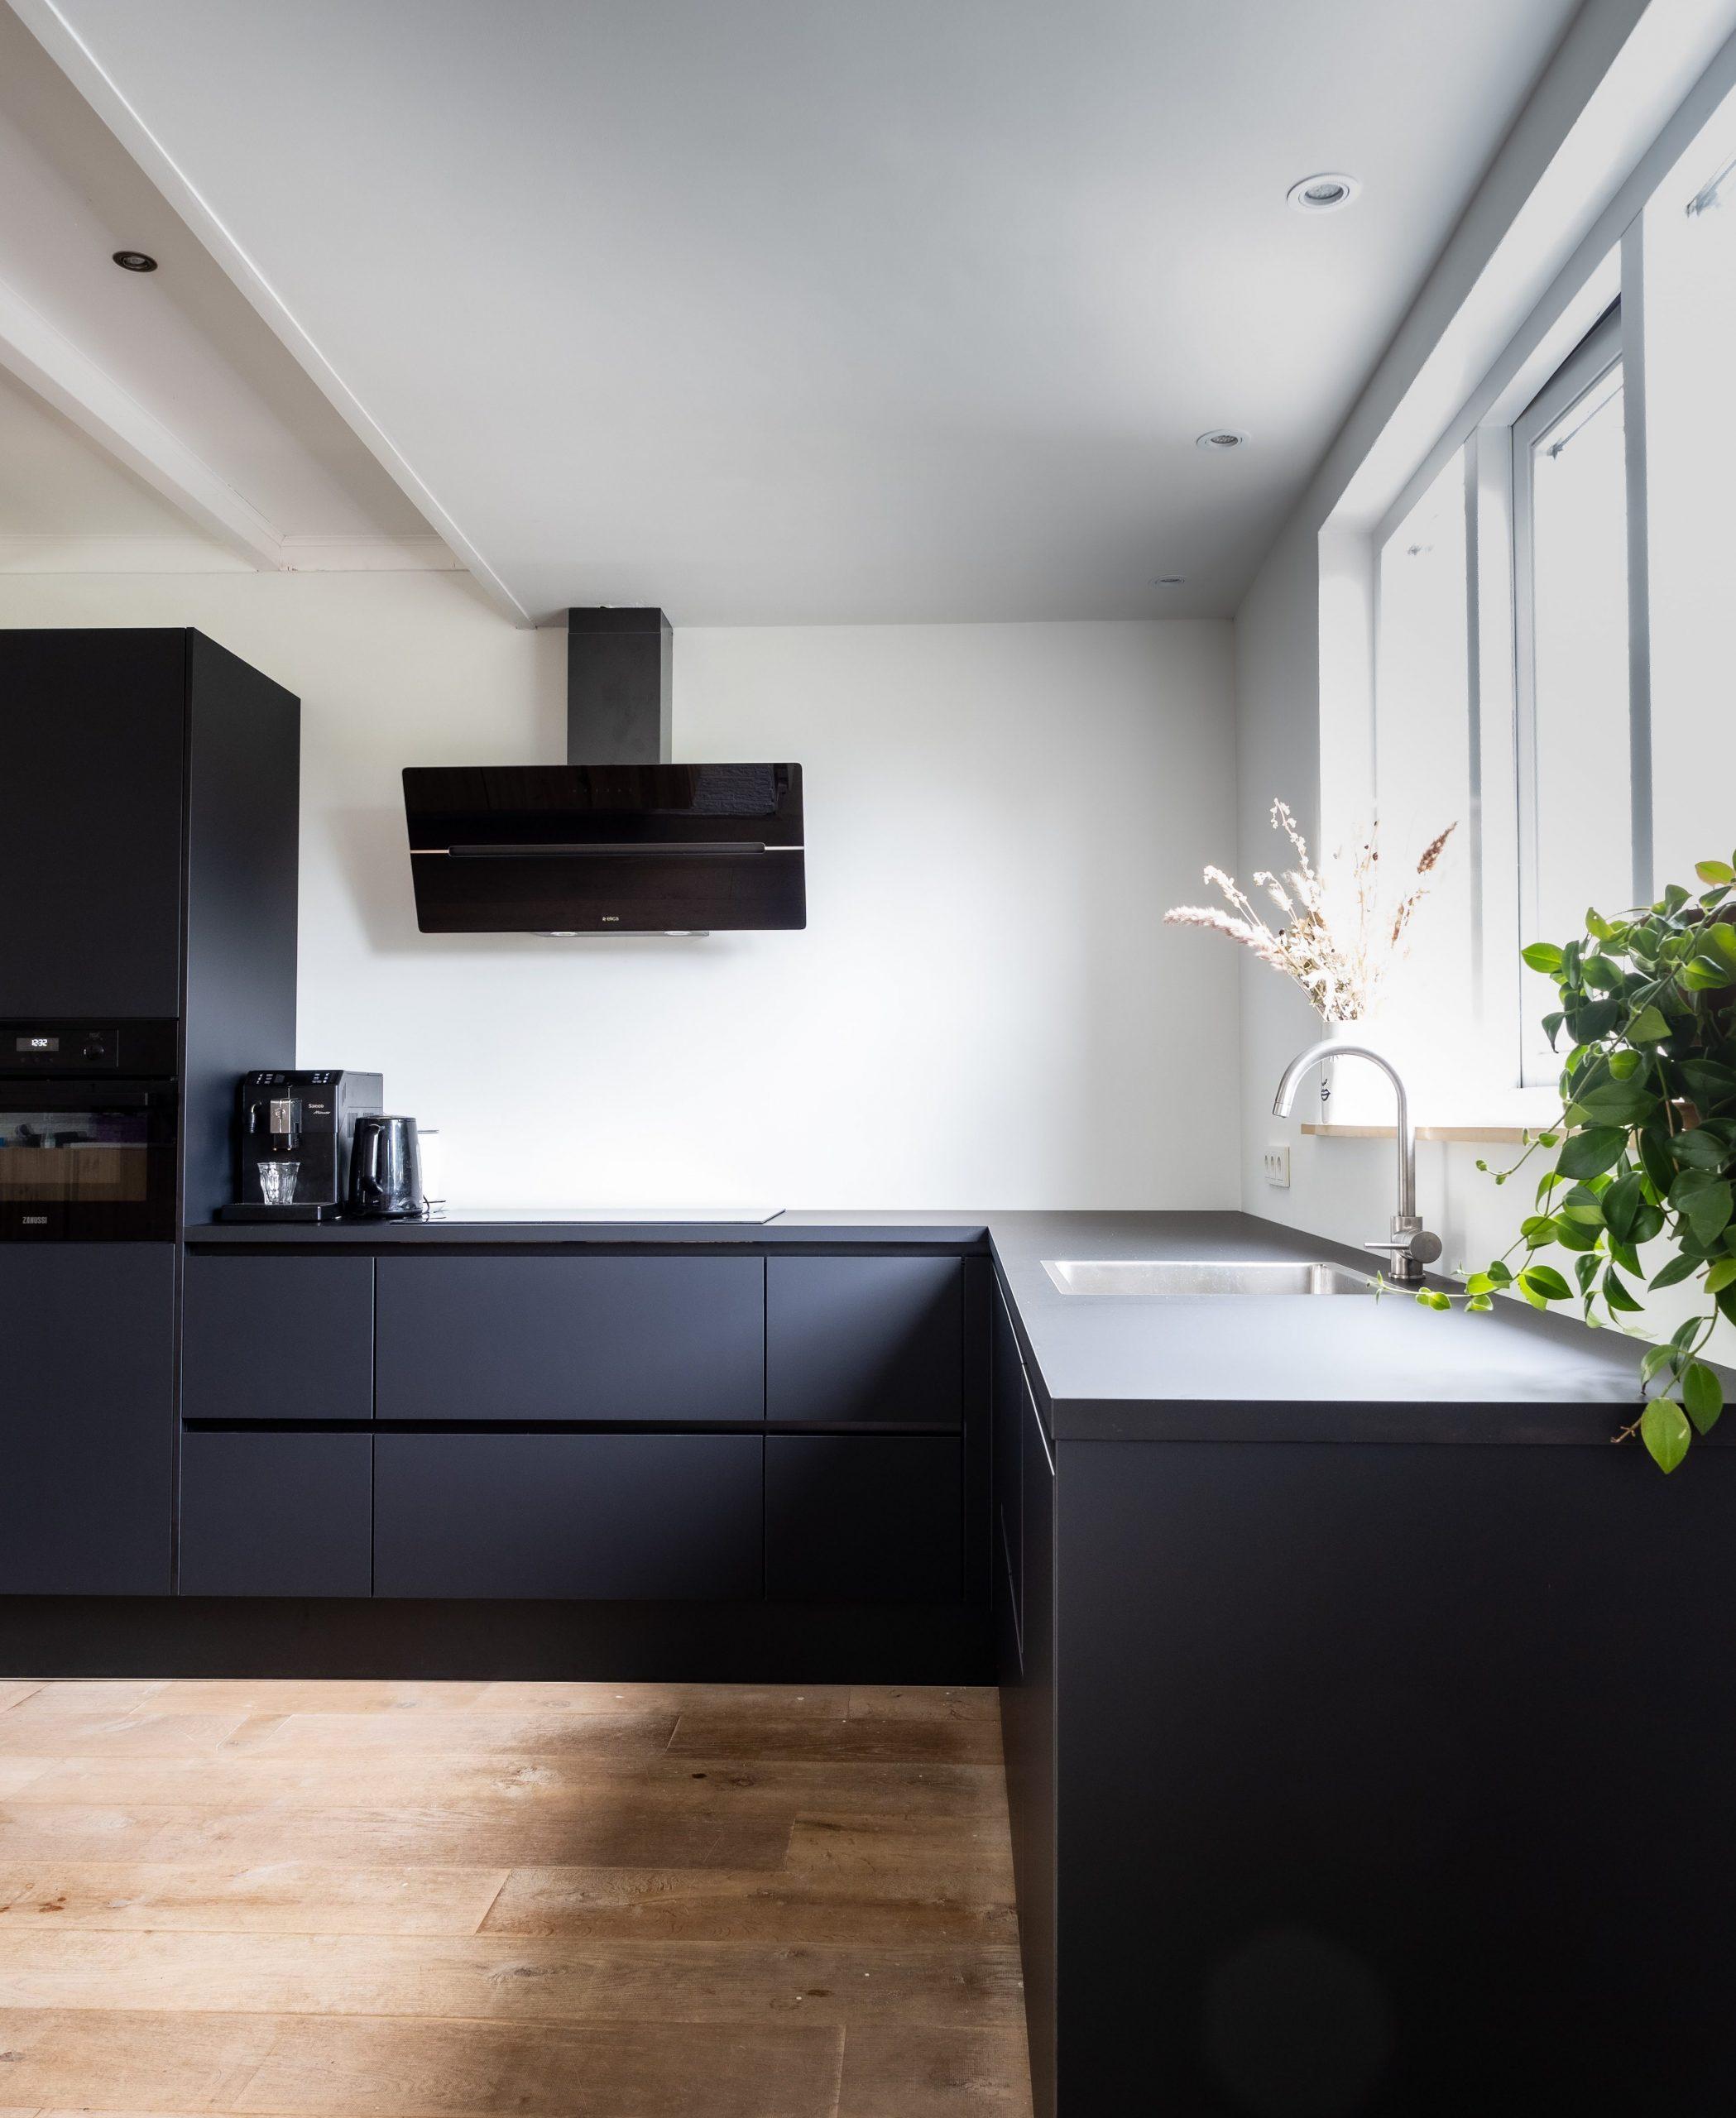 Keukentrends 2021 Jouw Keuken Inspiratie Voor 2021 Woonlovers